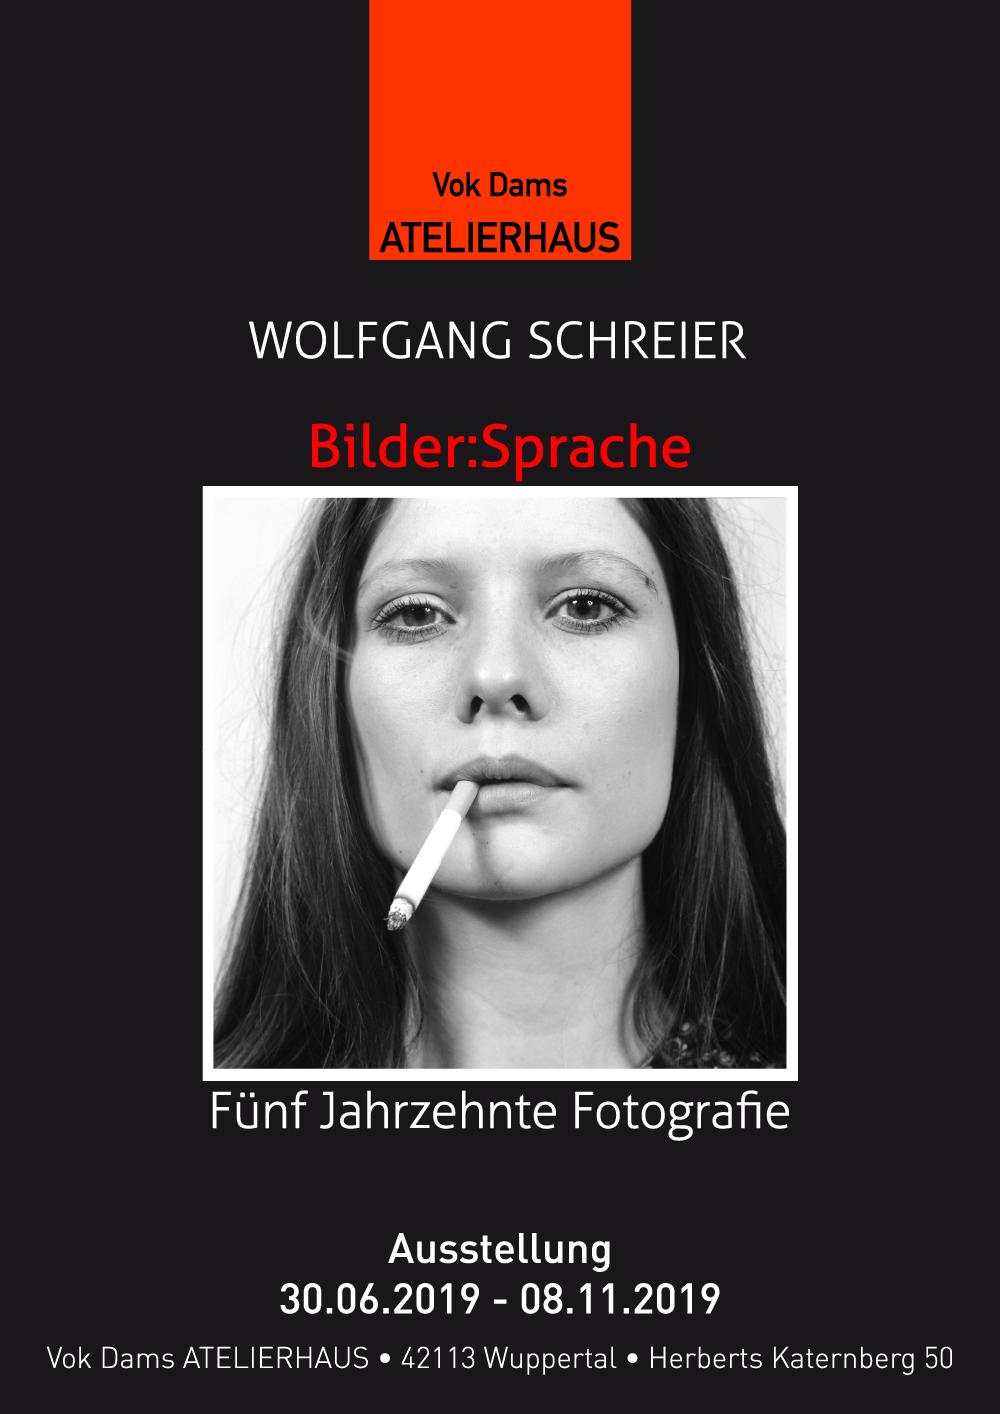 Wolfgang Schreier Bilder:Sprache